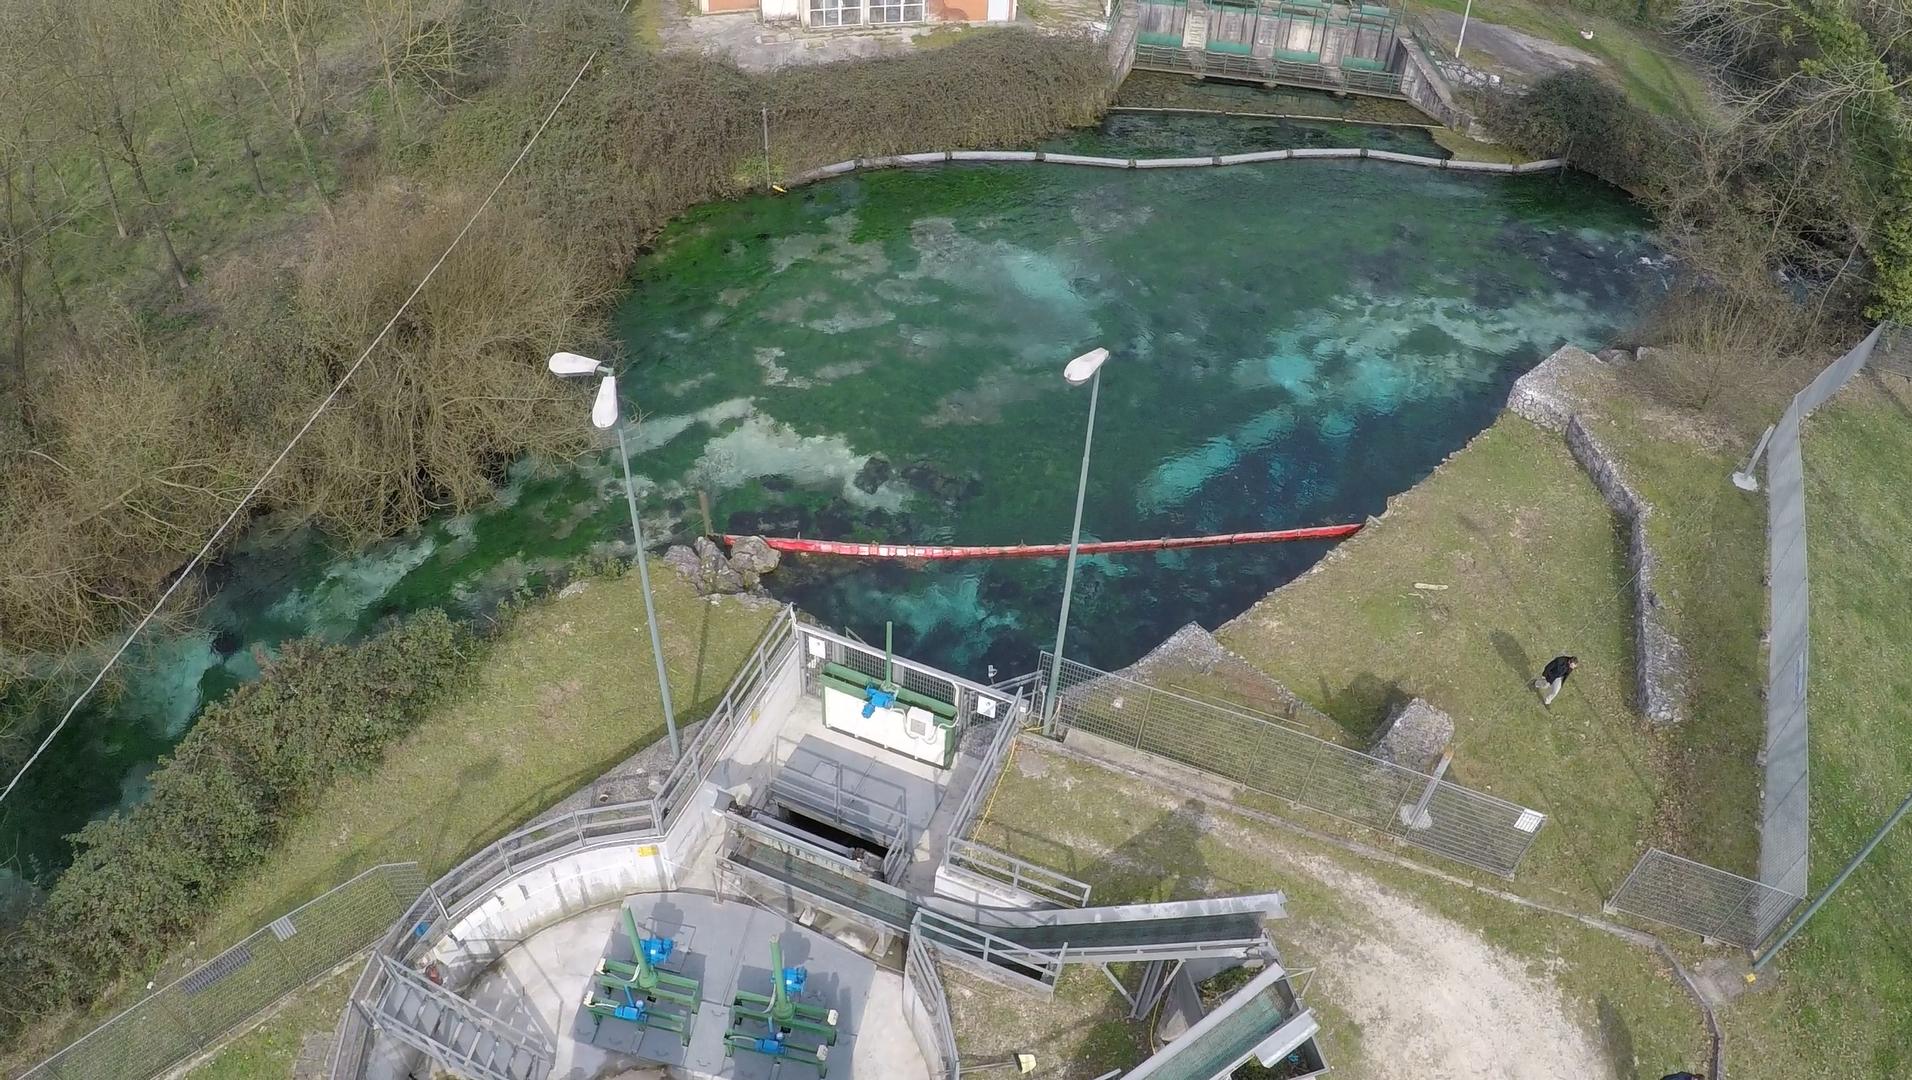 Opera presa fiume Gari - foto drone - 2015